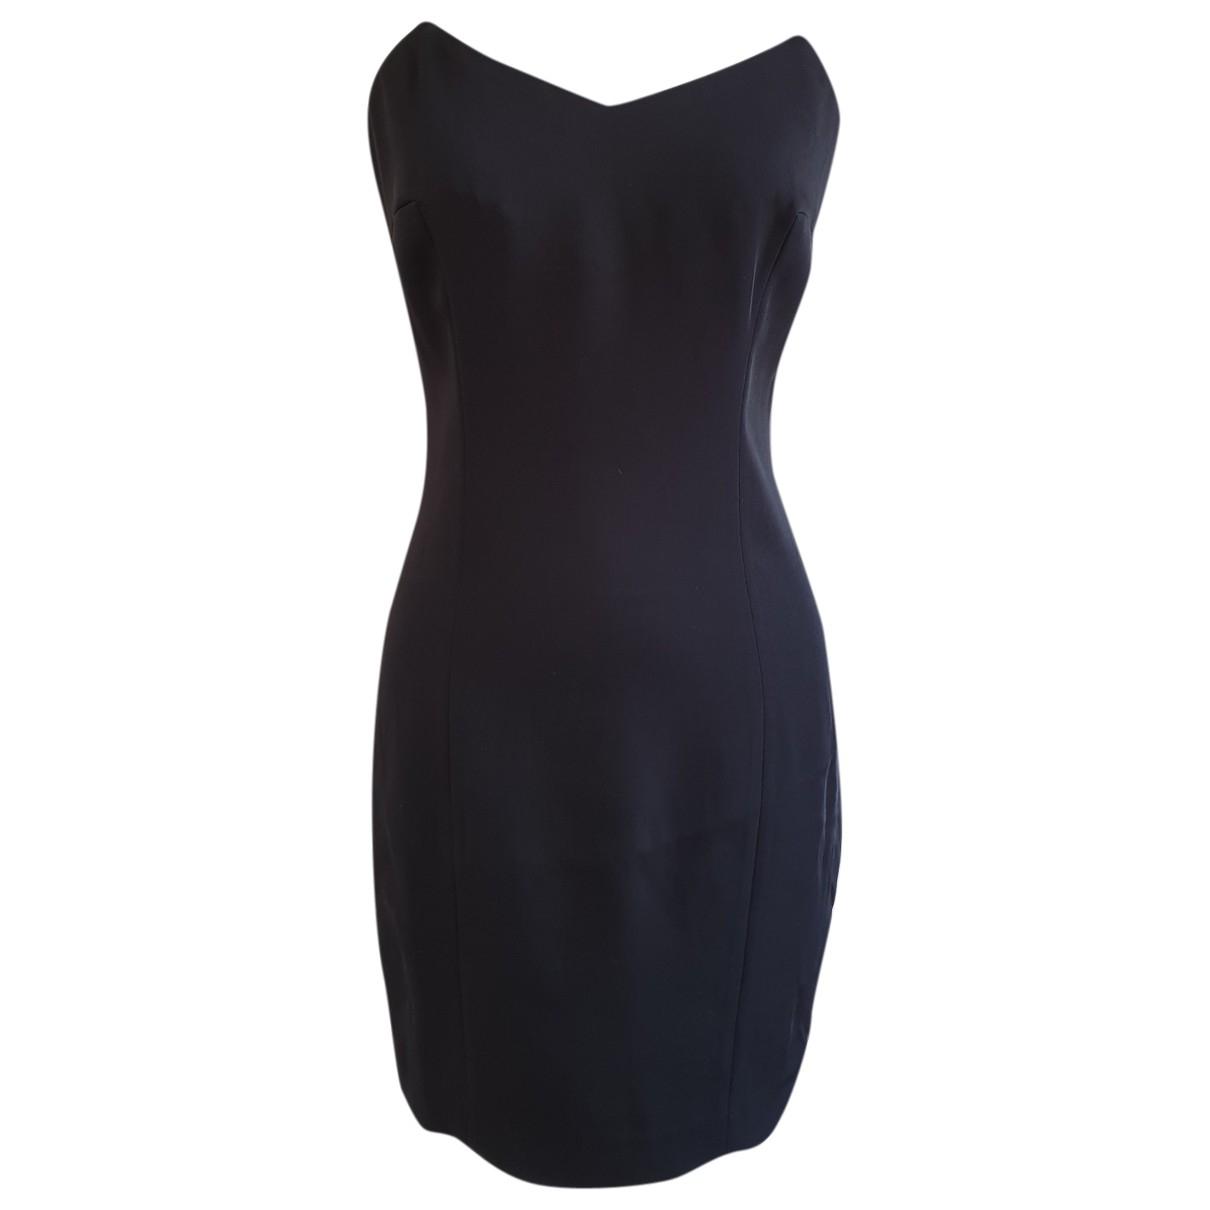 All Saints N Black dress for Women 8 UK